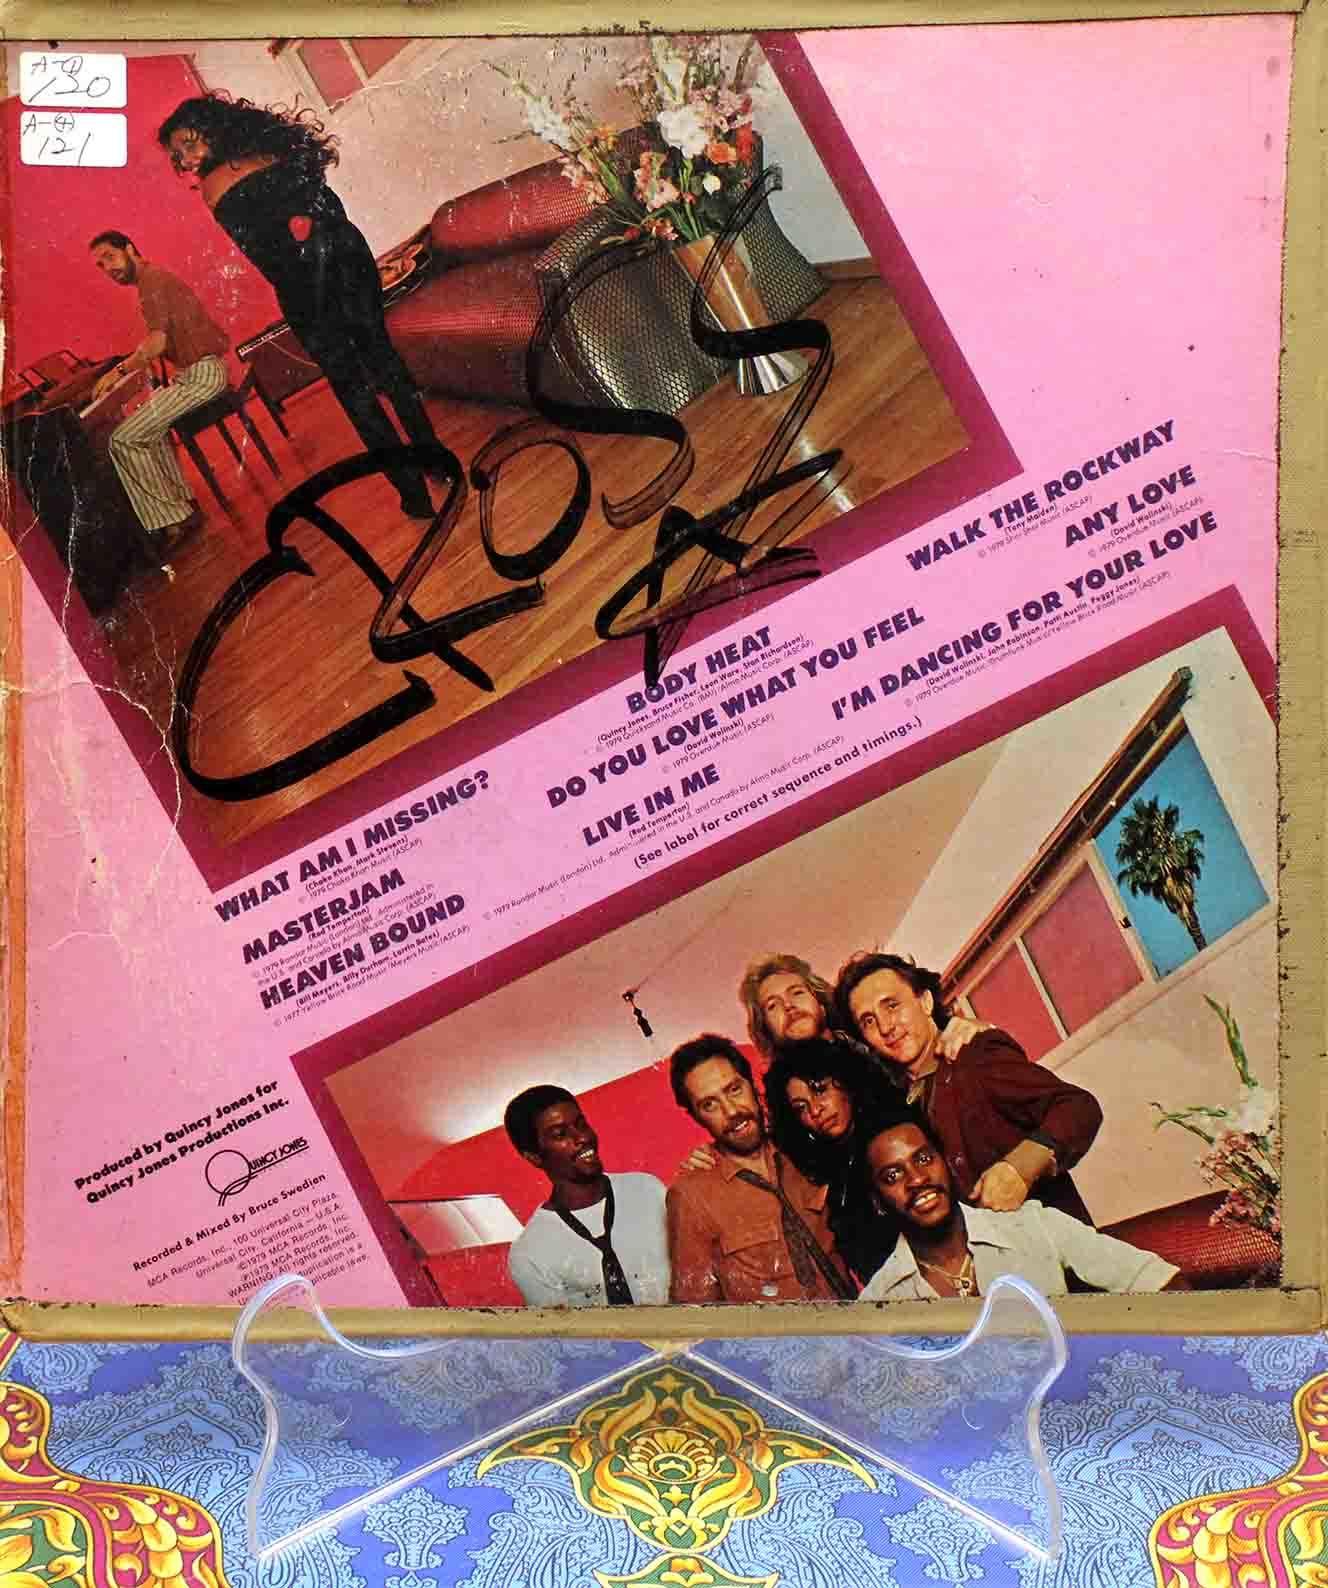 Rufus Chaka – Masterjam 02